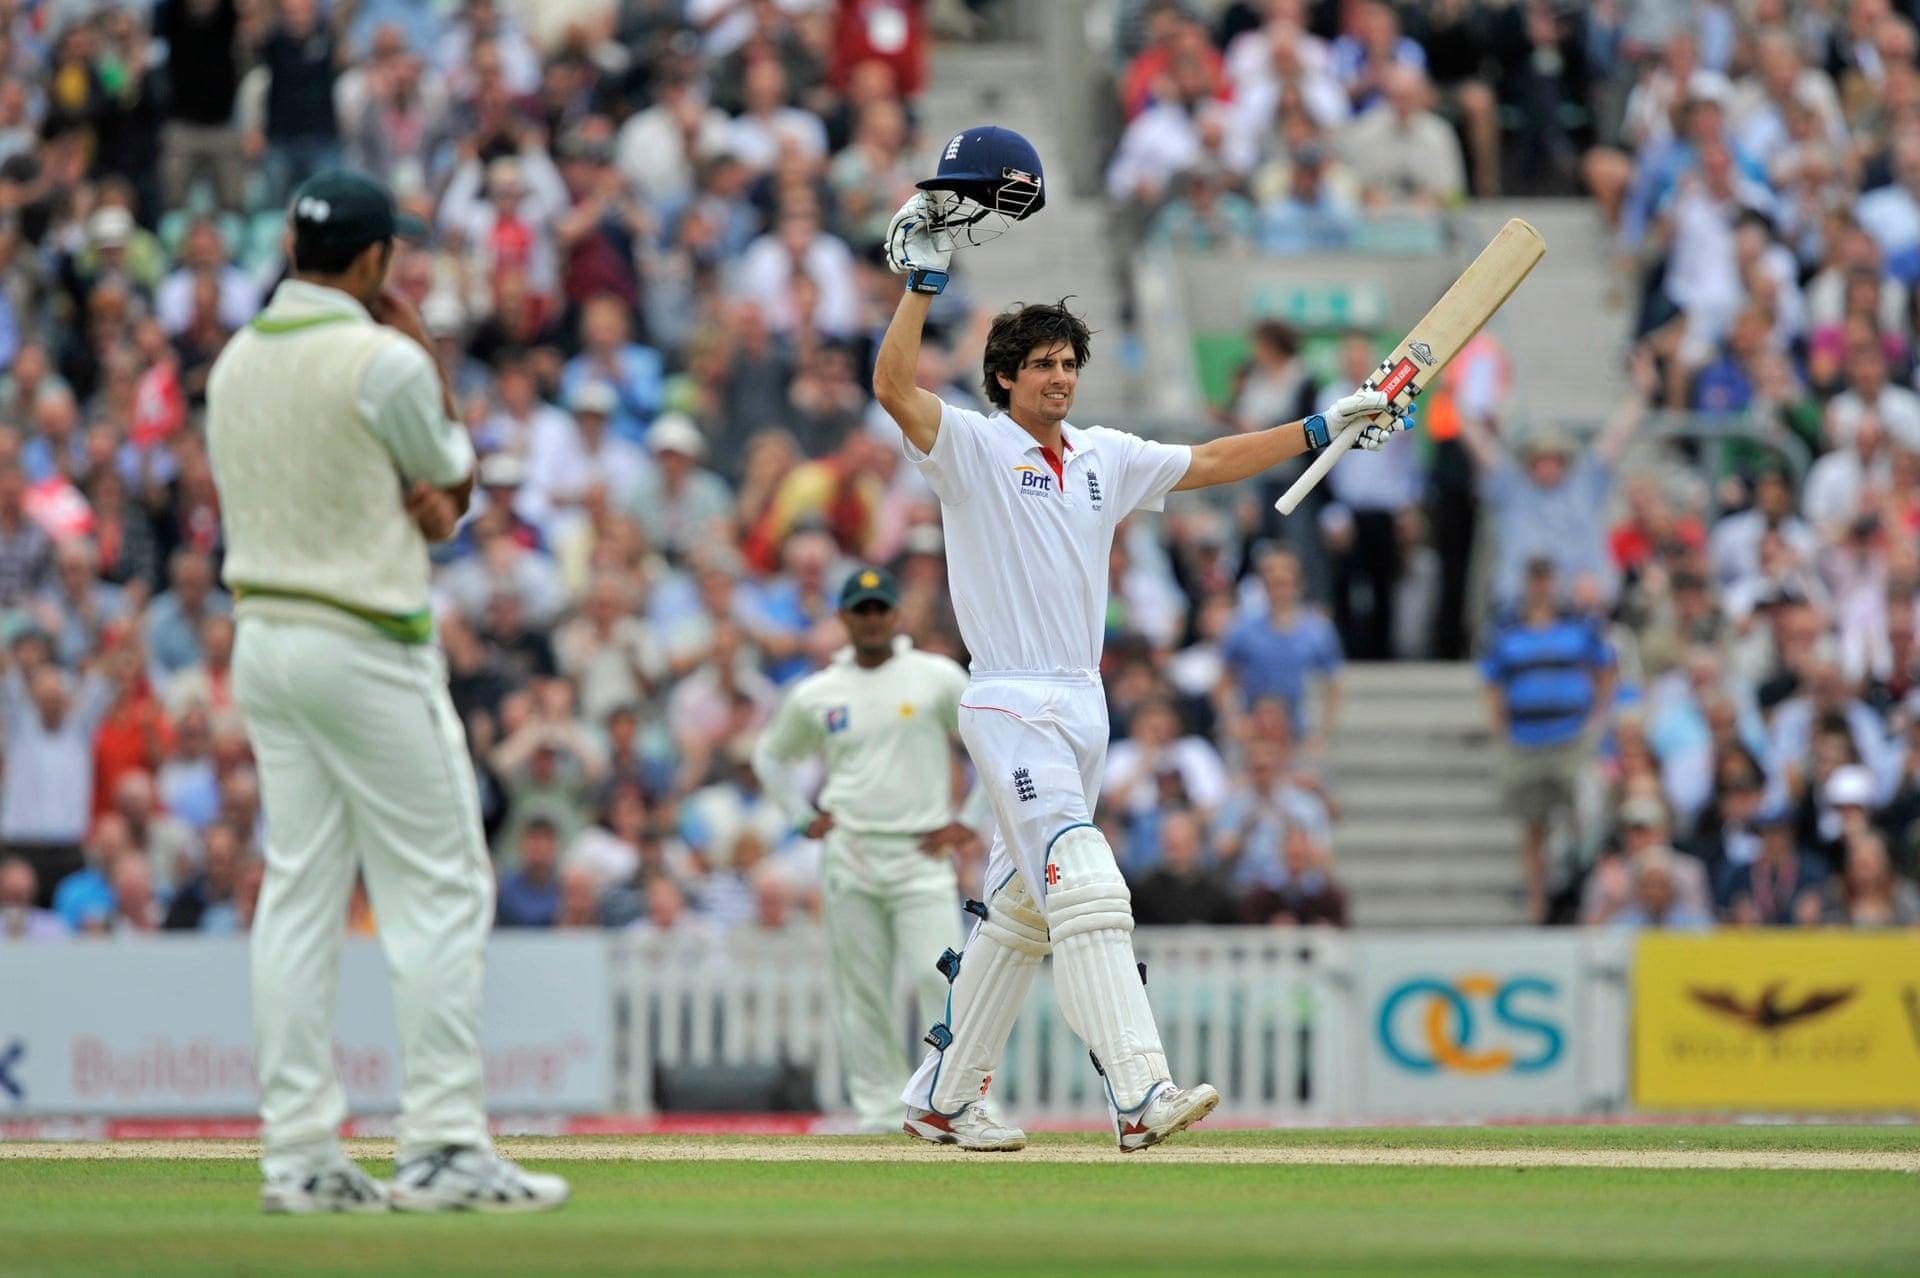 ENG vs IND: भारत के खिलाफ डेब्यू करने वाले एलिस्टर कुक टीम इंडिया के खिलाफ ही करेंगे सन्यास की घोषणा, ये हैं करियर की 5 सर्वश्रेष्ठ पारियां 1